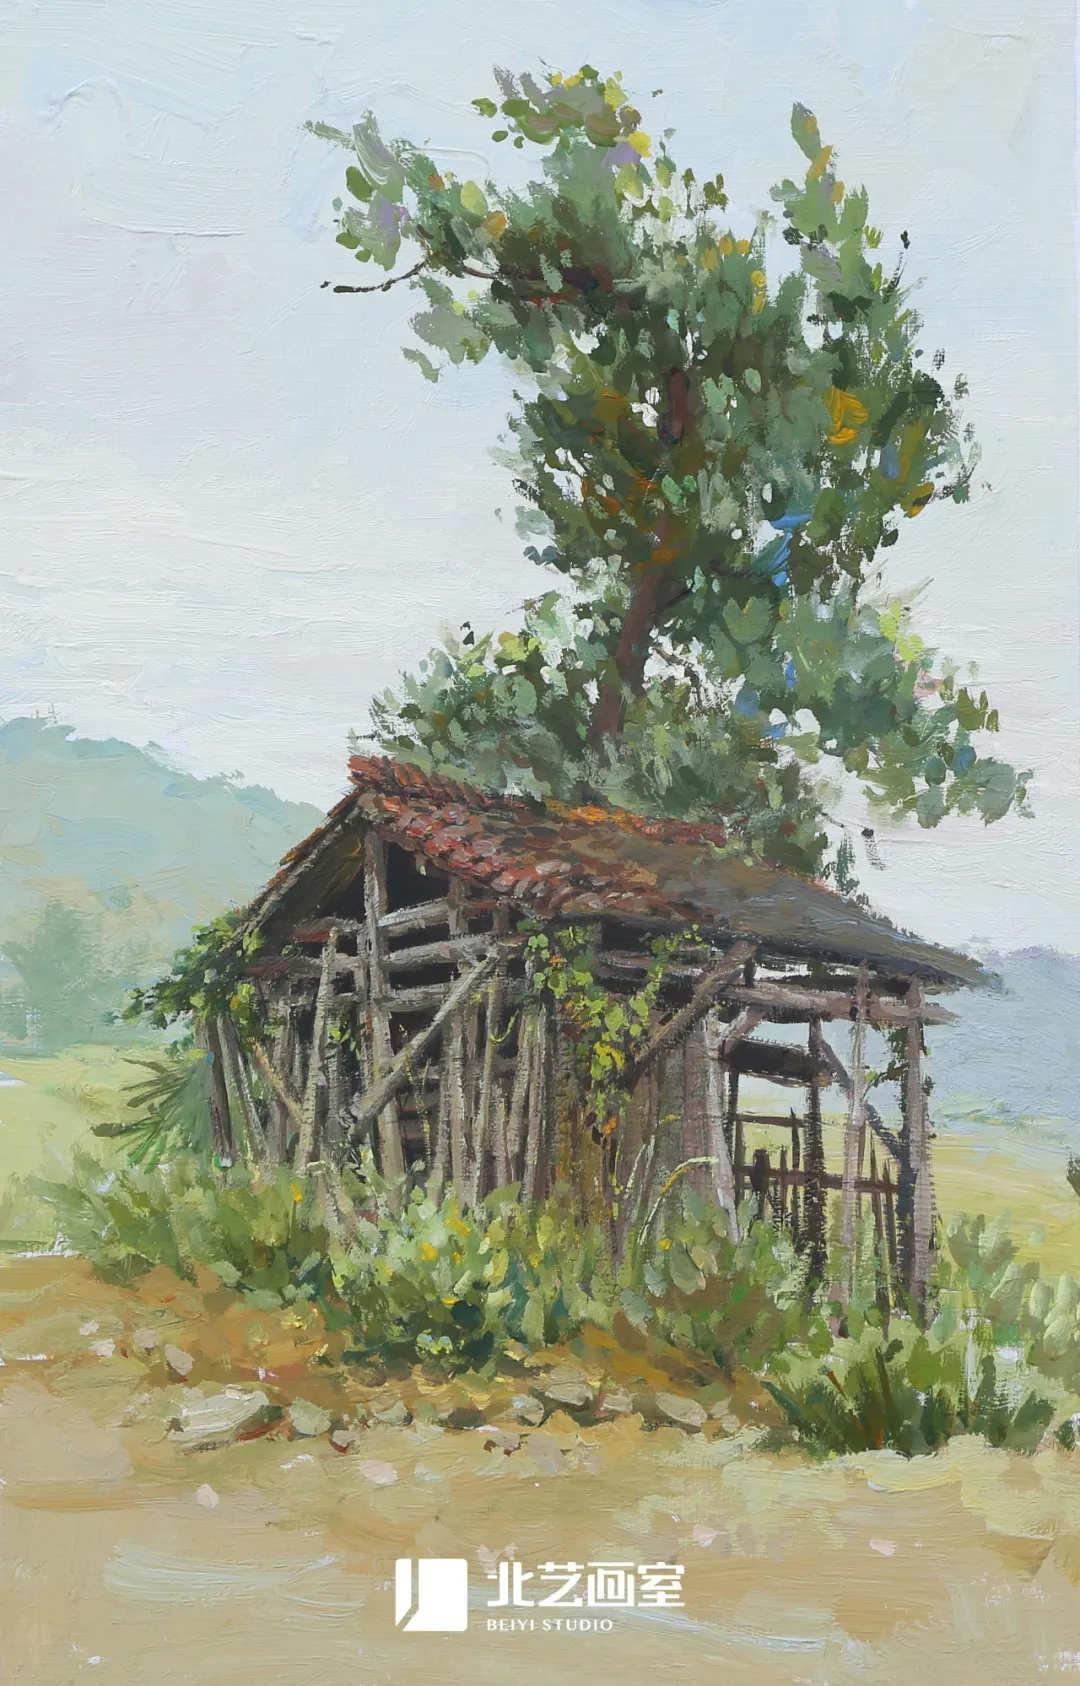 色彩风景作品赏析——树木、房子